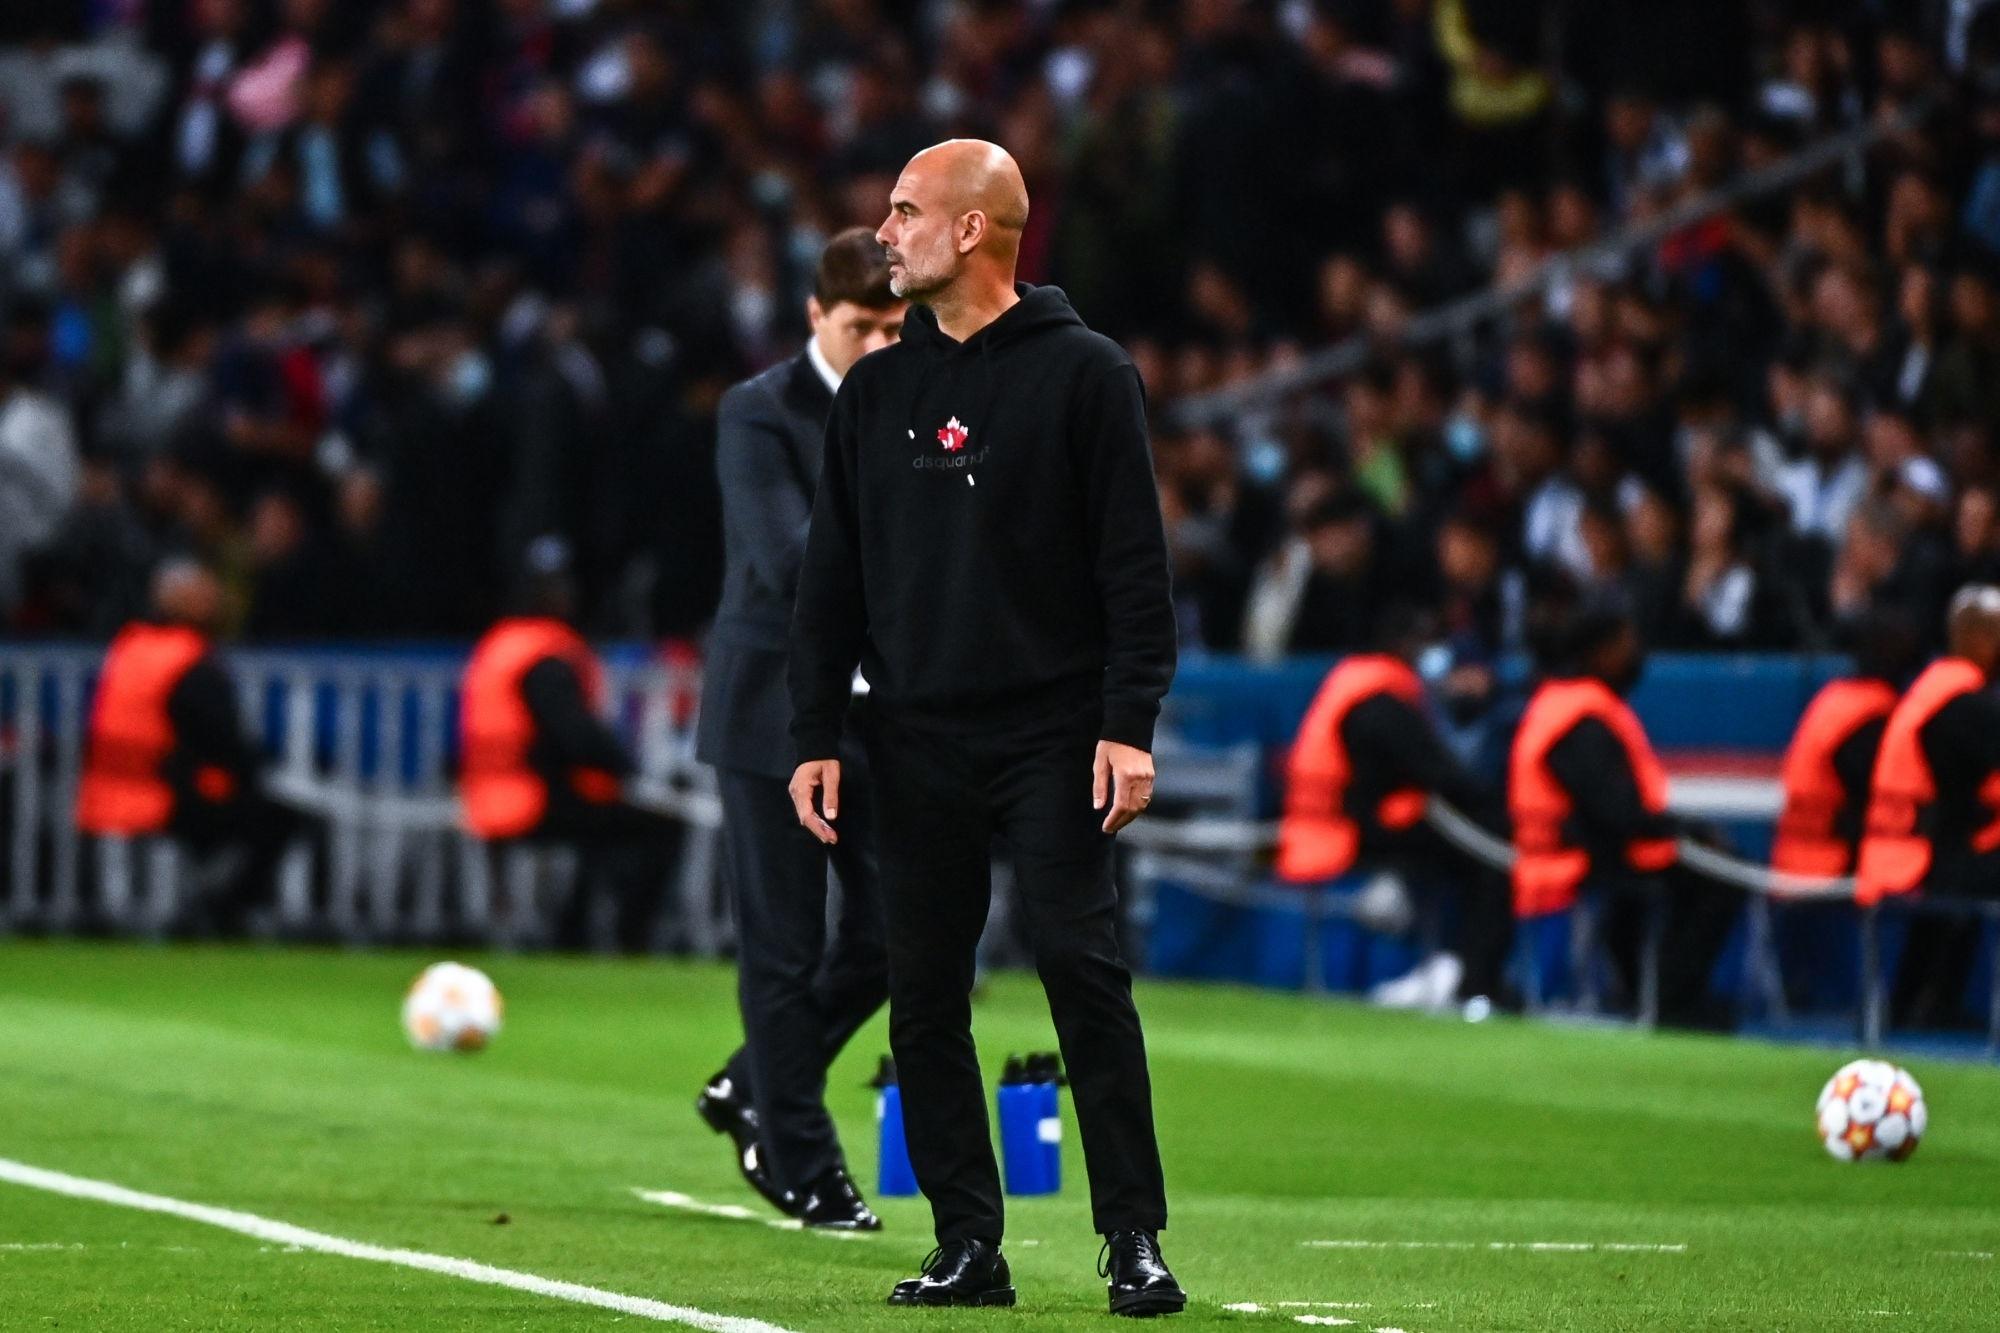 """PSG/City - Guardiola """"On a fait une bonne performance, mais on n'a pas pu marquer"""""""